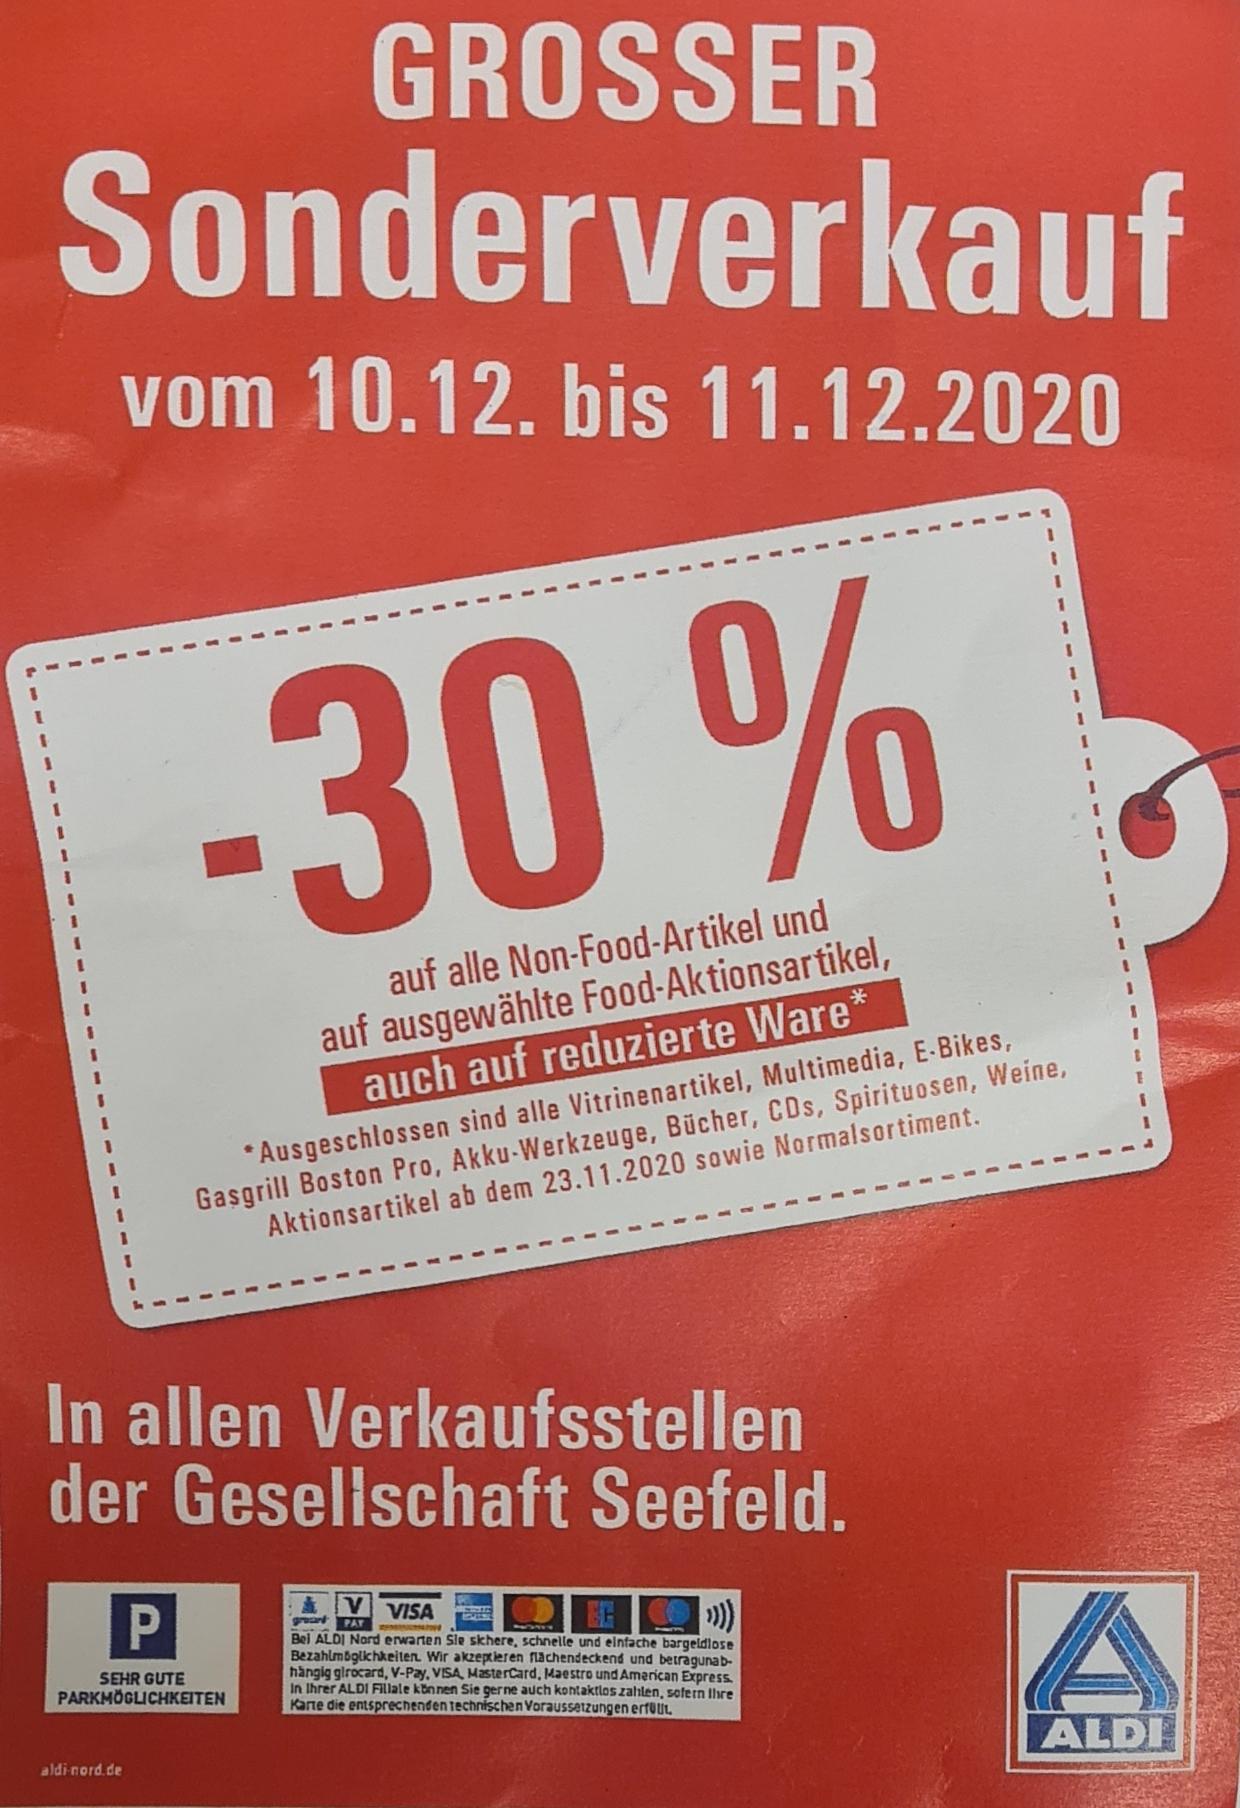 (Lokal) Aldi 30% auf Non Food und ausgewählte Food Artikel - Verkaufsstelle Gesellschaft Seefeld